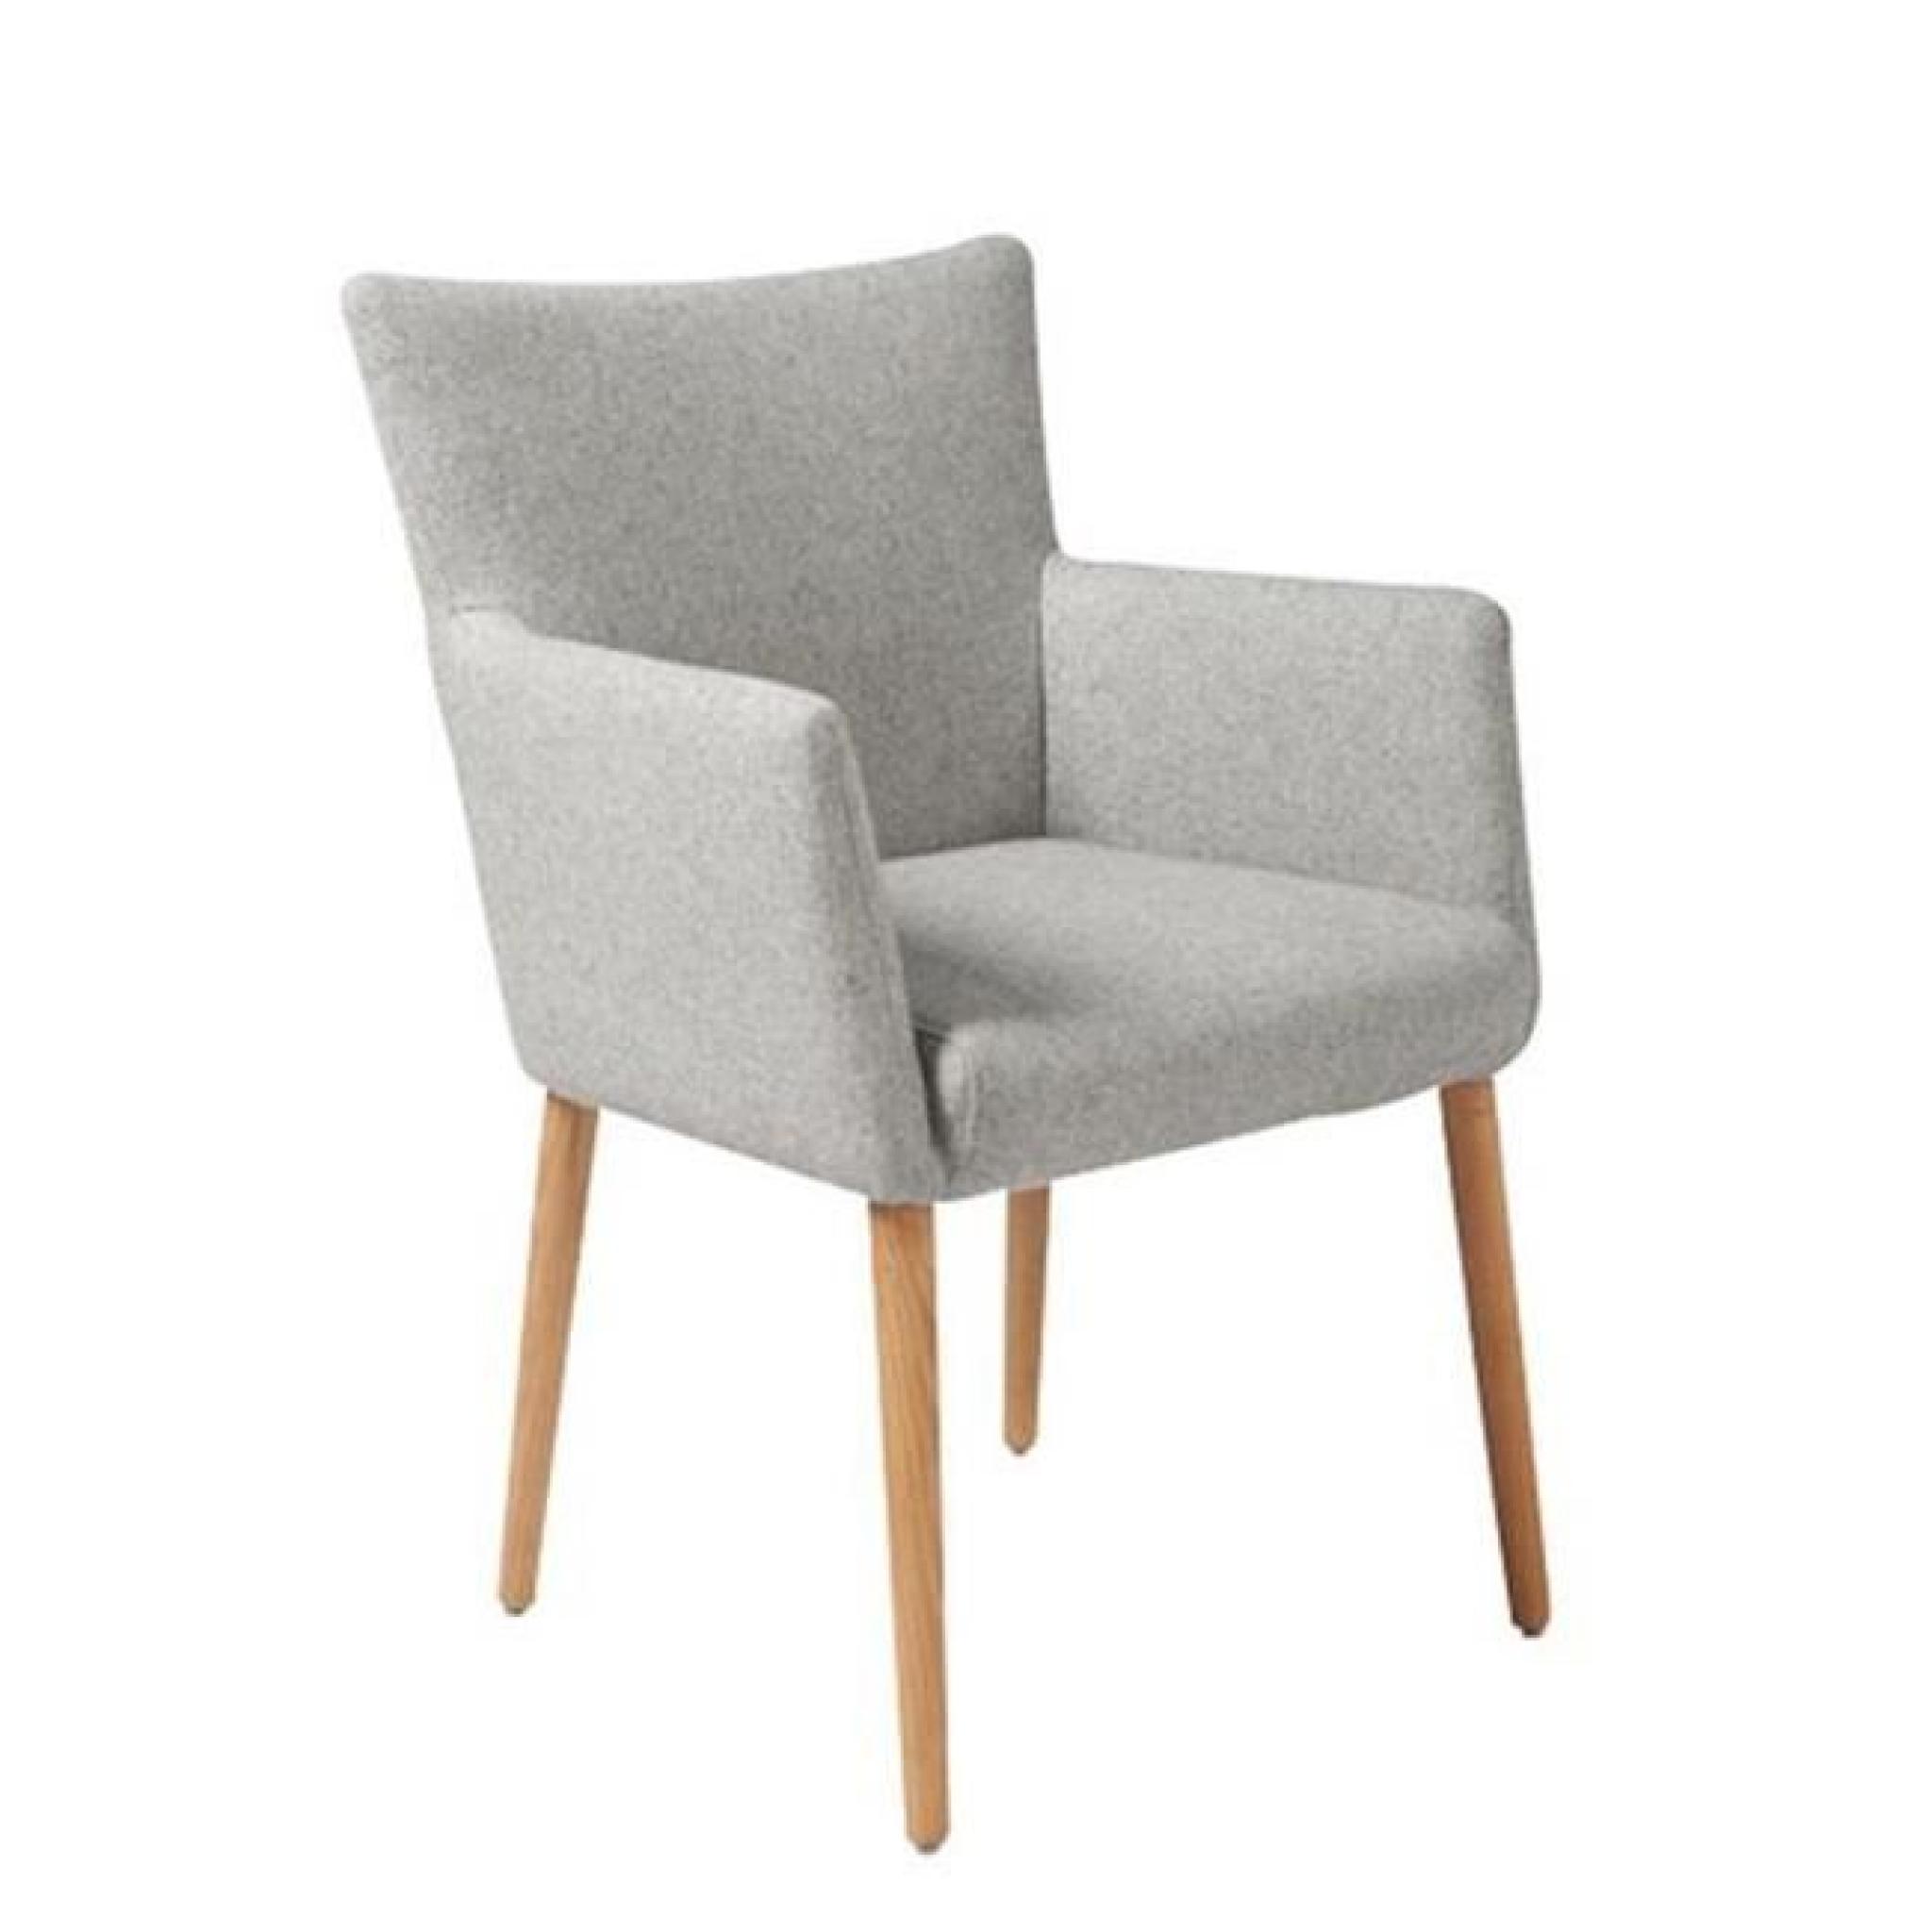 Chaise de salle à manger NELLIE en tissu avec acco - Achat/Vente ...